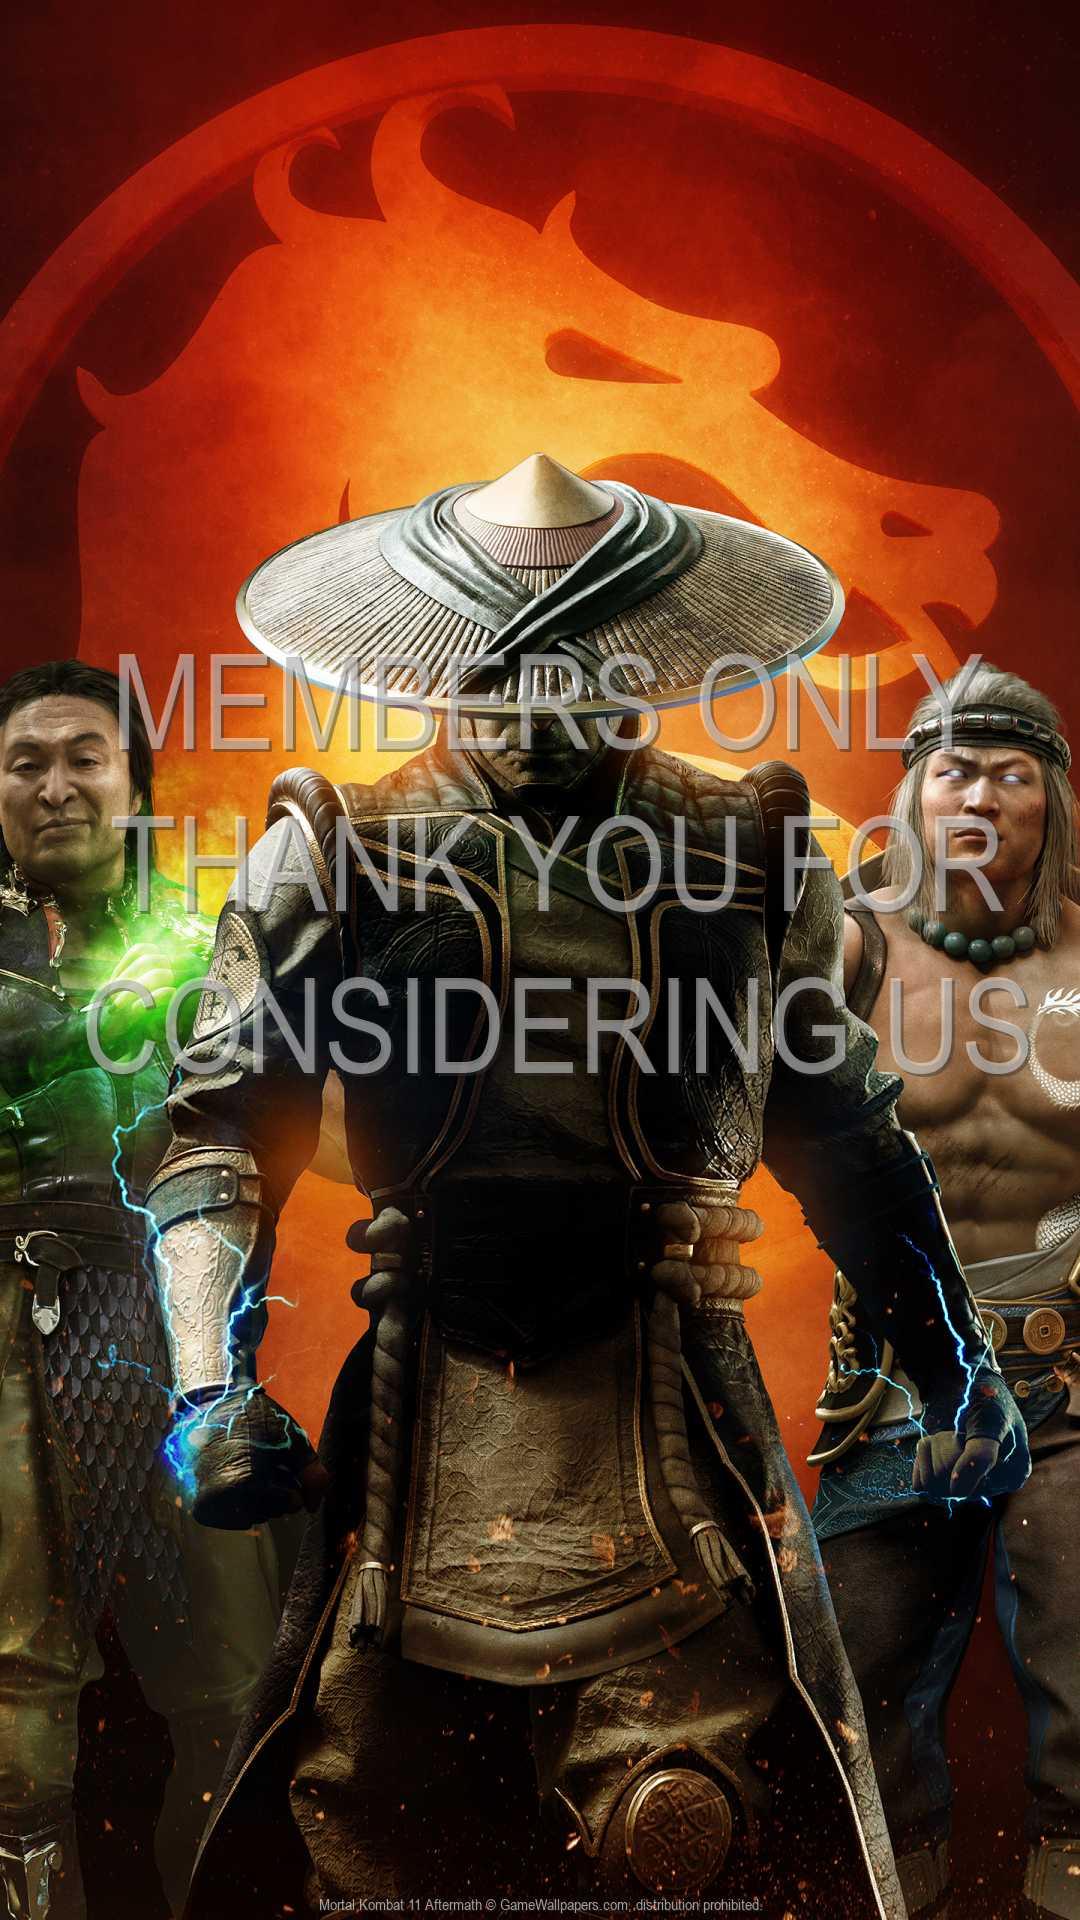 Mortal Kombat 11 Aftermath 1080p Vertical Mobile wallpaper or background 01